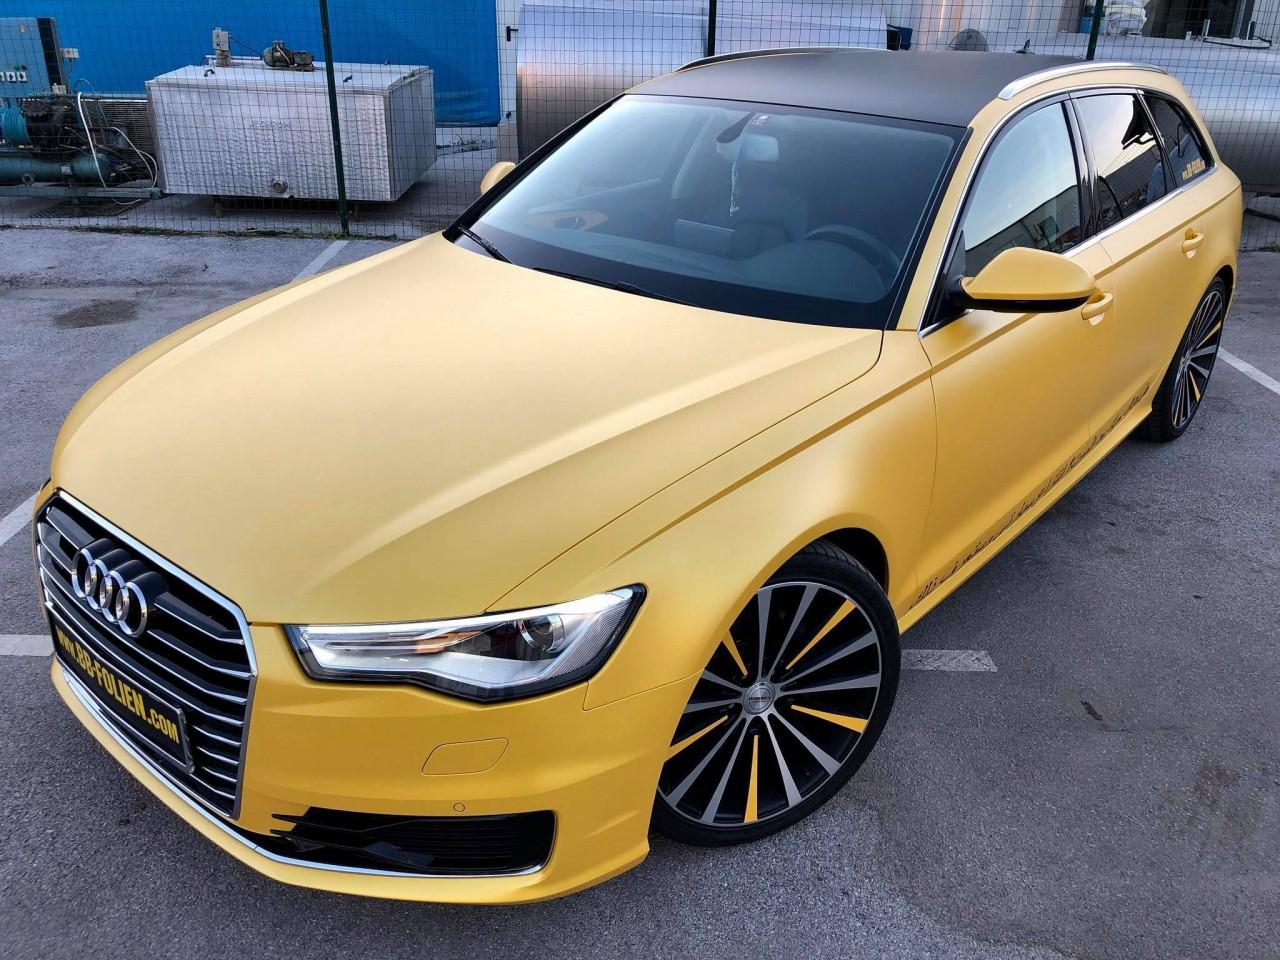 Folierung Audi A6 Kpl In Gelb X Platinum Matt Schwarz Matt By Bb Folie